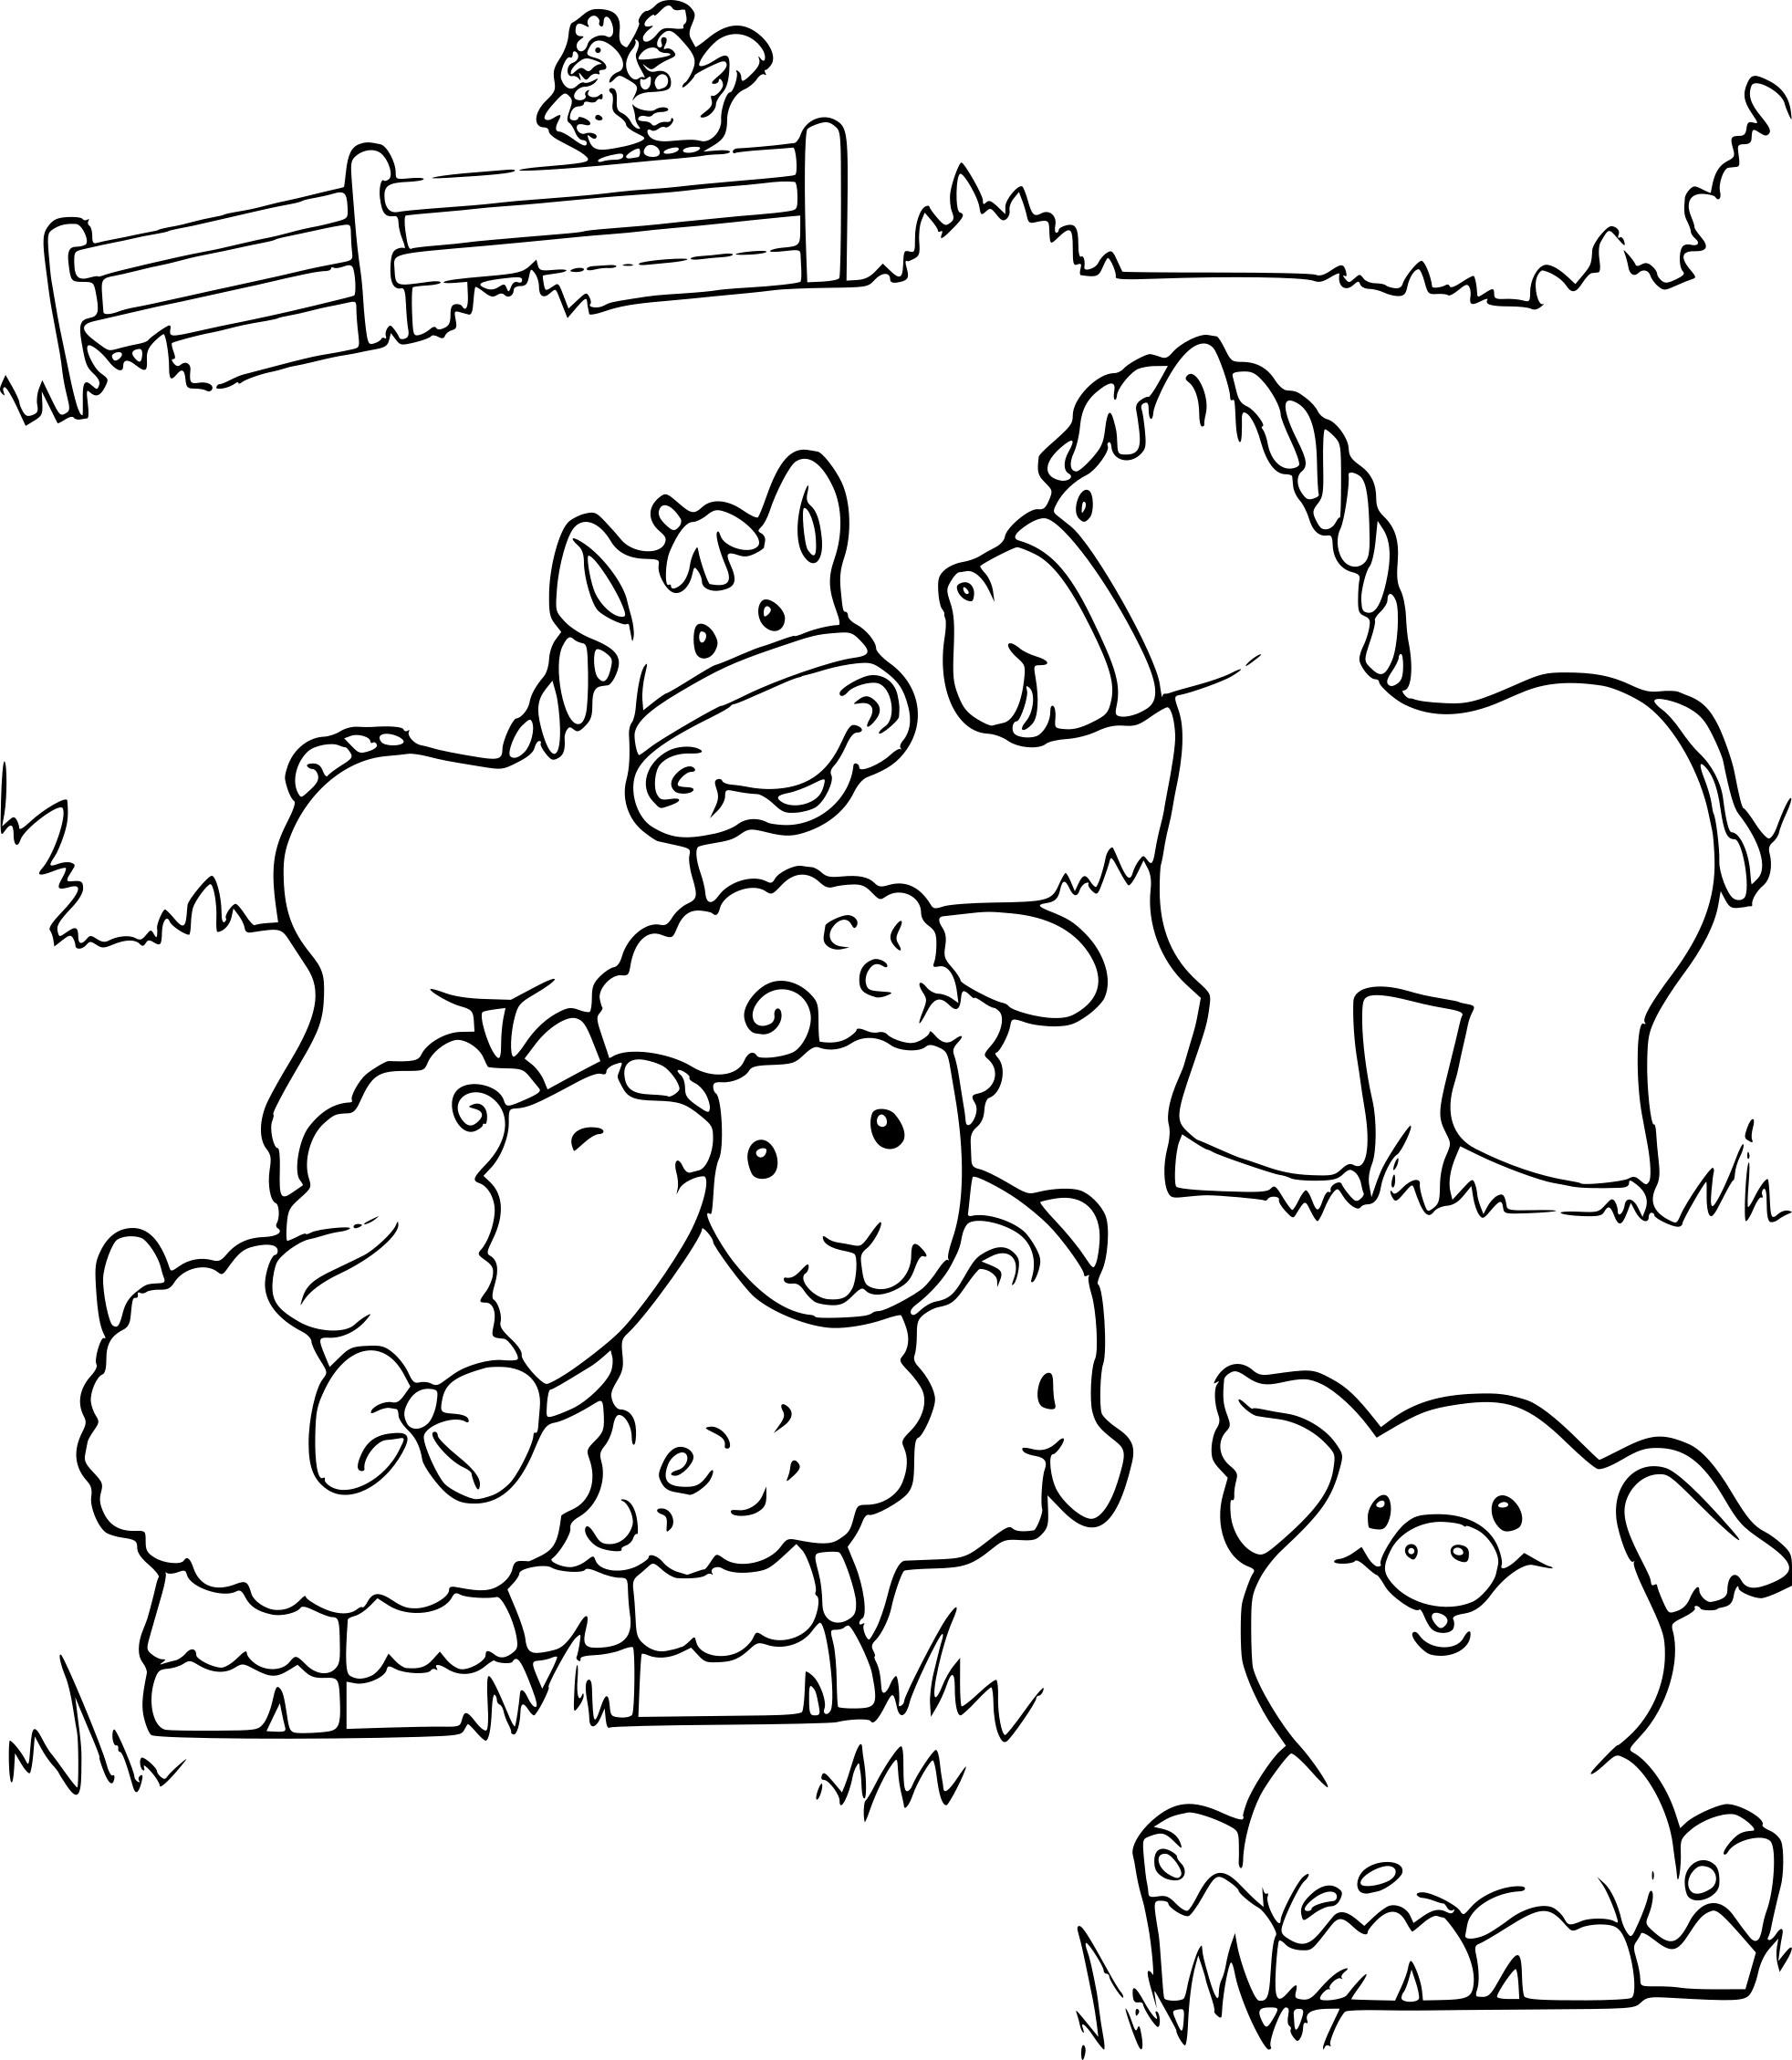 Coloriage Animaux De La Ferme À Imprimer Sur Coloriages à Animaux De La Ferme A Imprimer